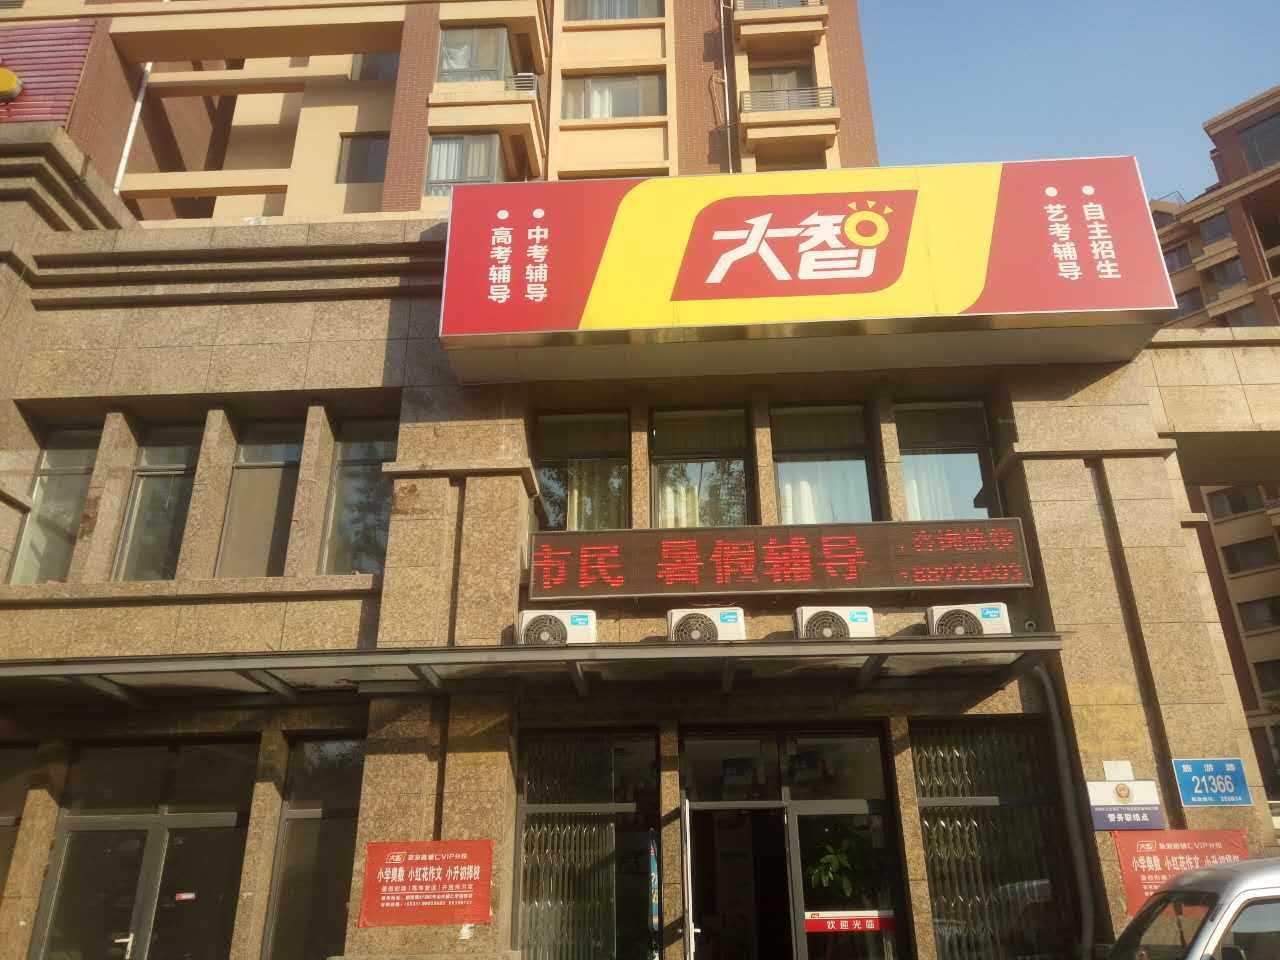 大智教育济南区域红石广场分校